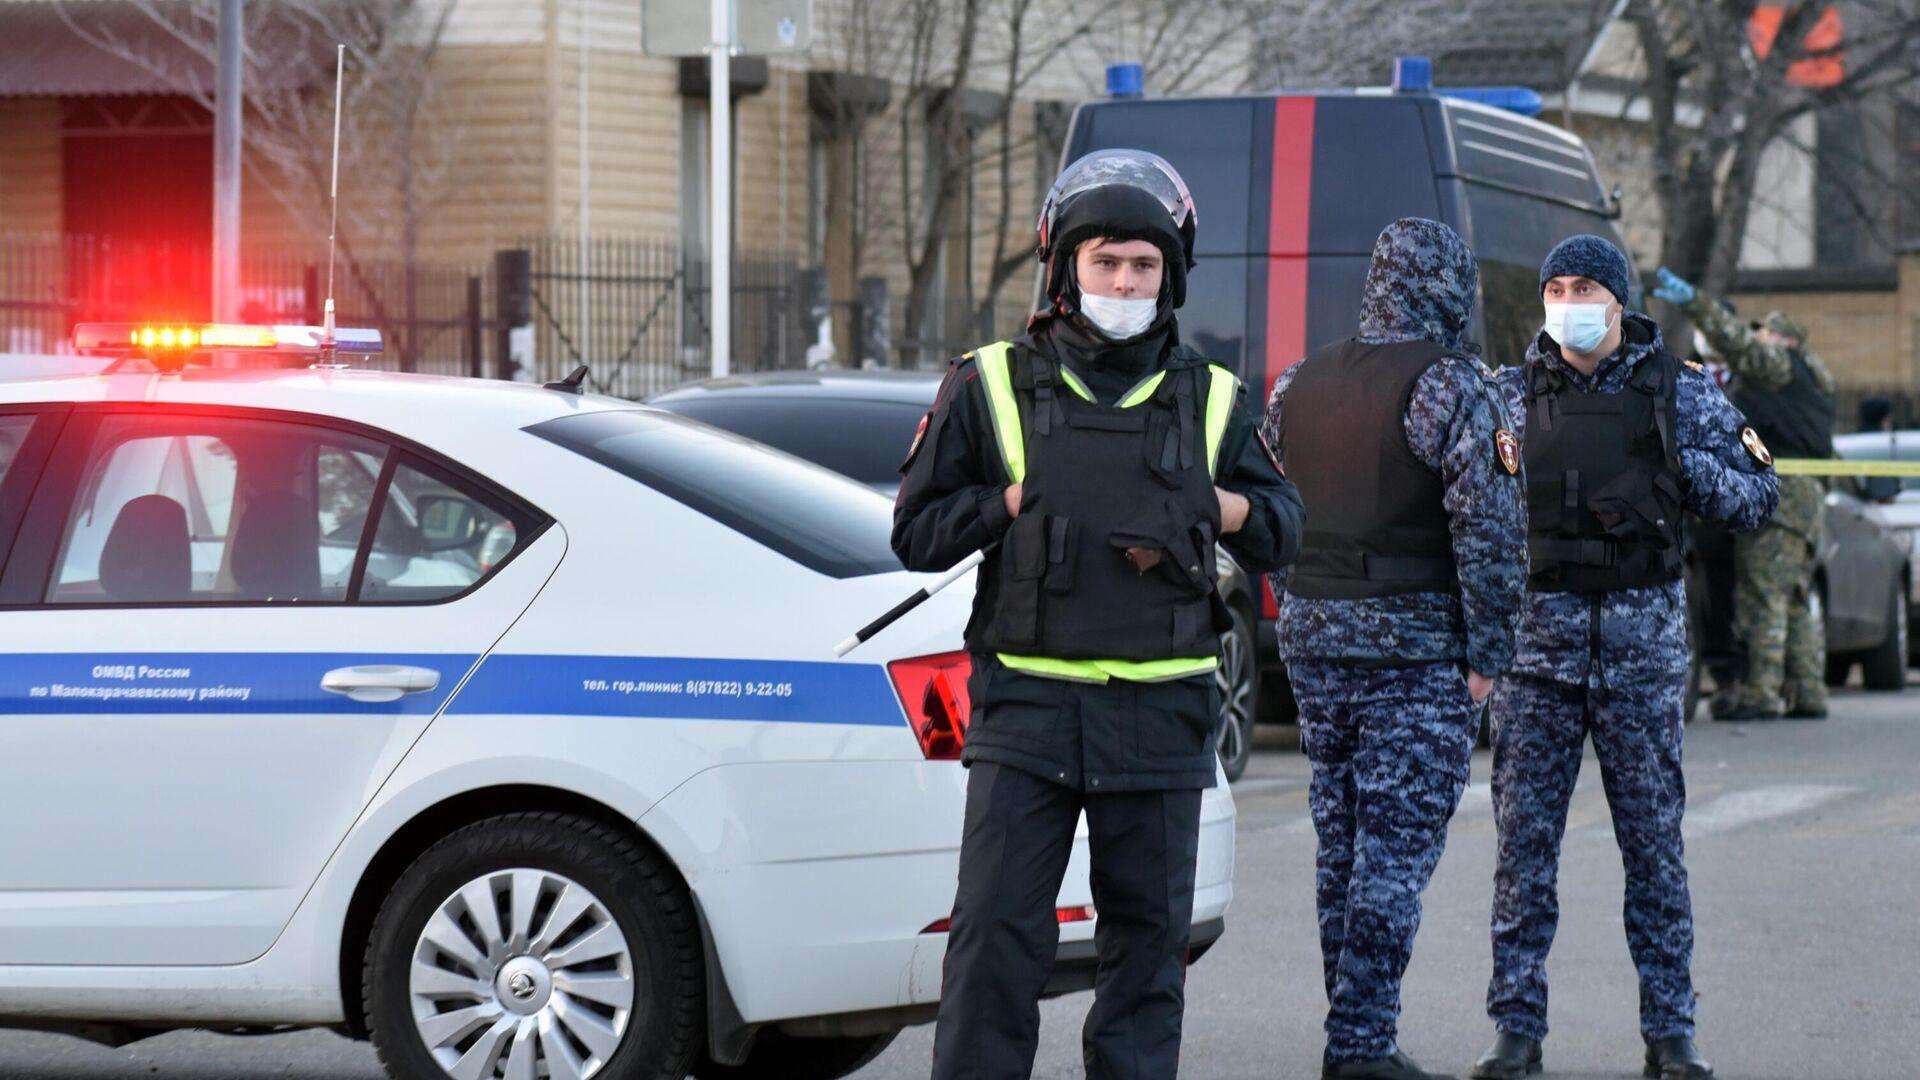 ФСБ предотвратила теракт в Карачаево-Черкесии, который готовил сторонник ИГ*